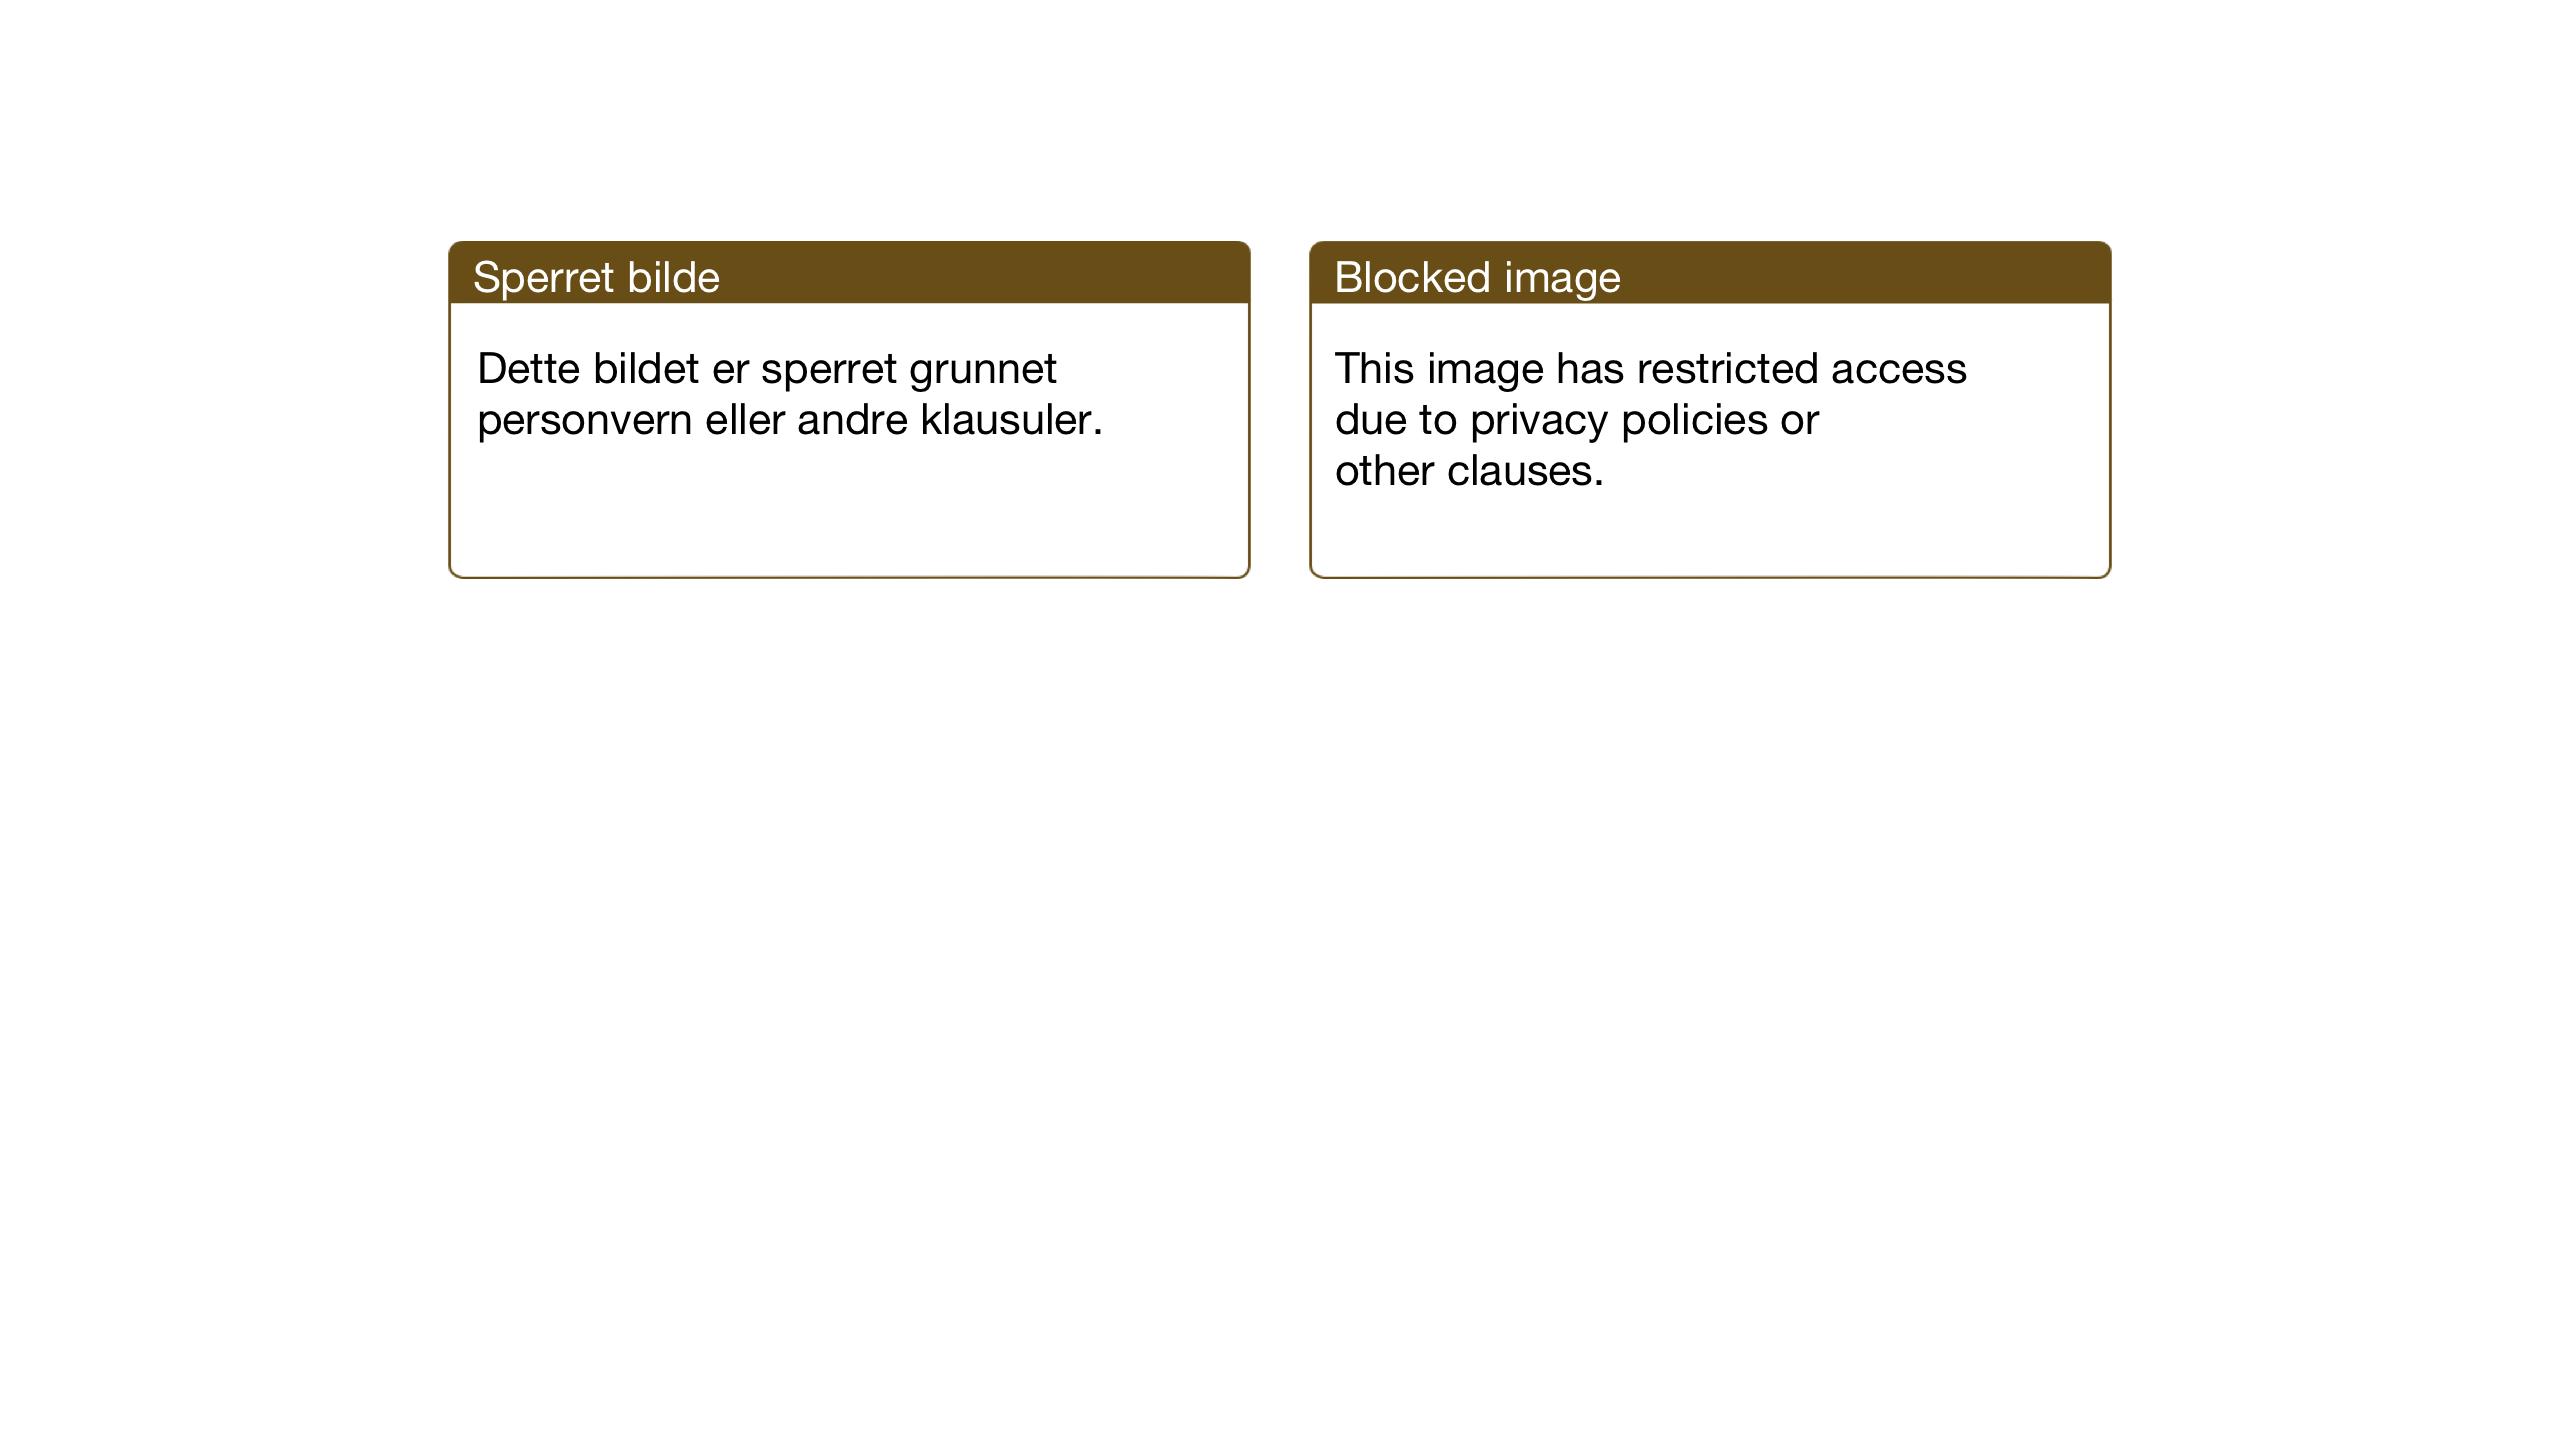 SAT, Ministerialprotokoller, klokkerbøker og fødselsregistre - Sør-Trøndelag, 667/L0799: Klokkerbok nr. 667C04, 1929-1950, s. 85